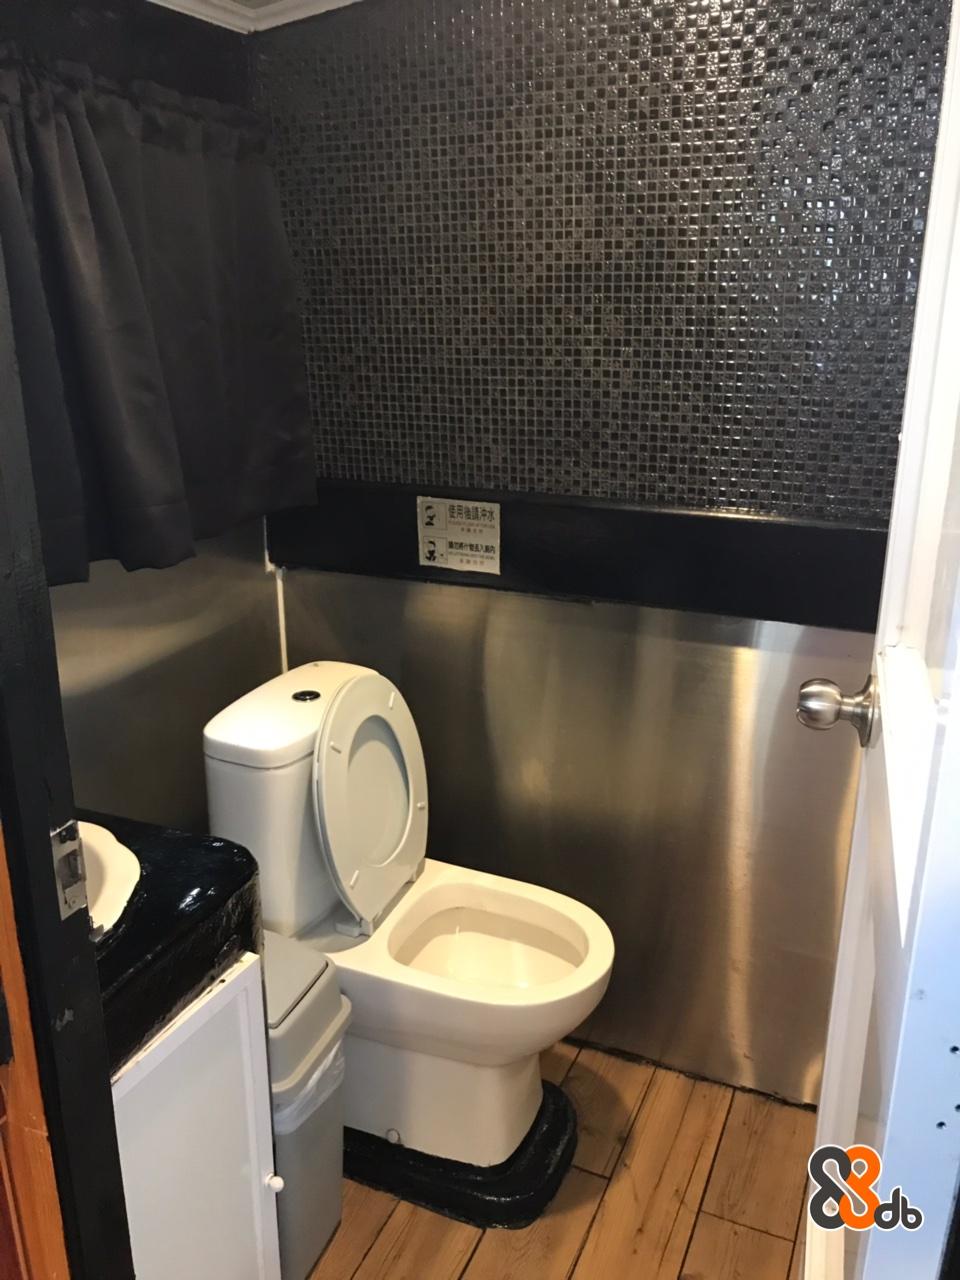 Toilet,Bathroom,Property,Plumbing fixture,Room